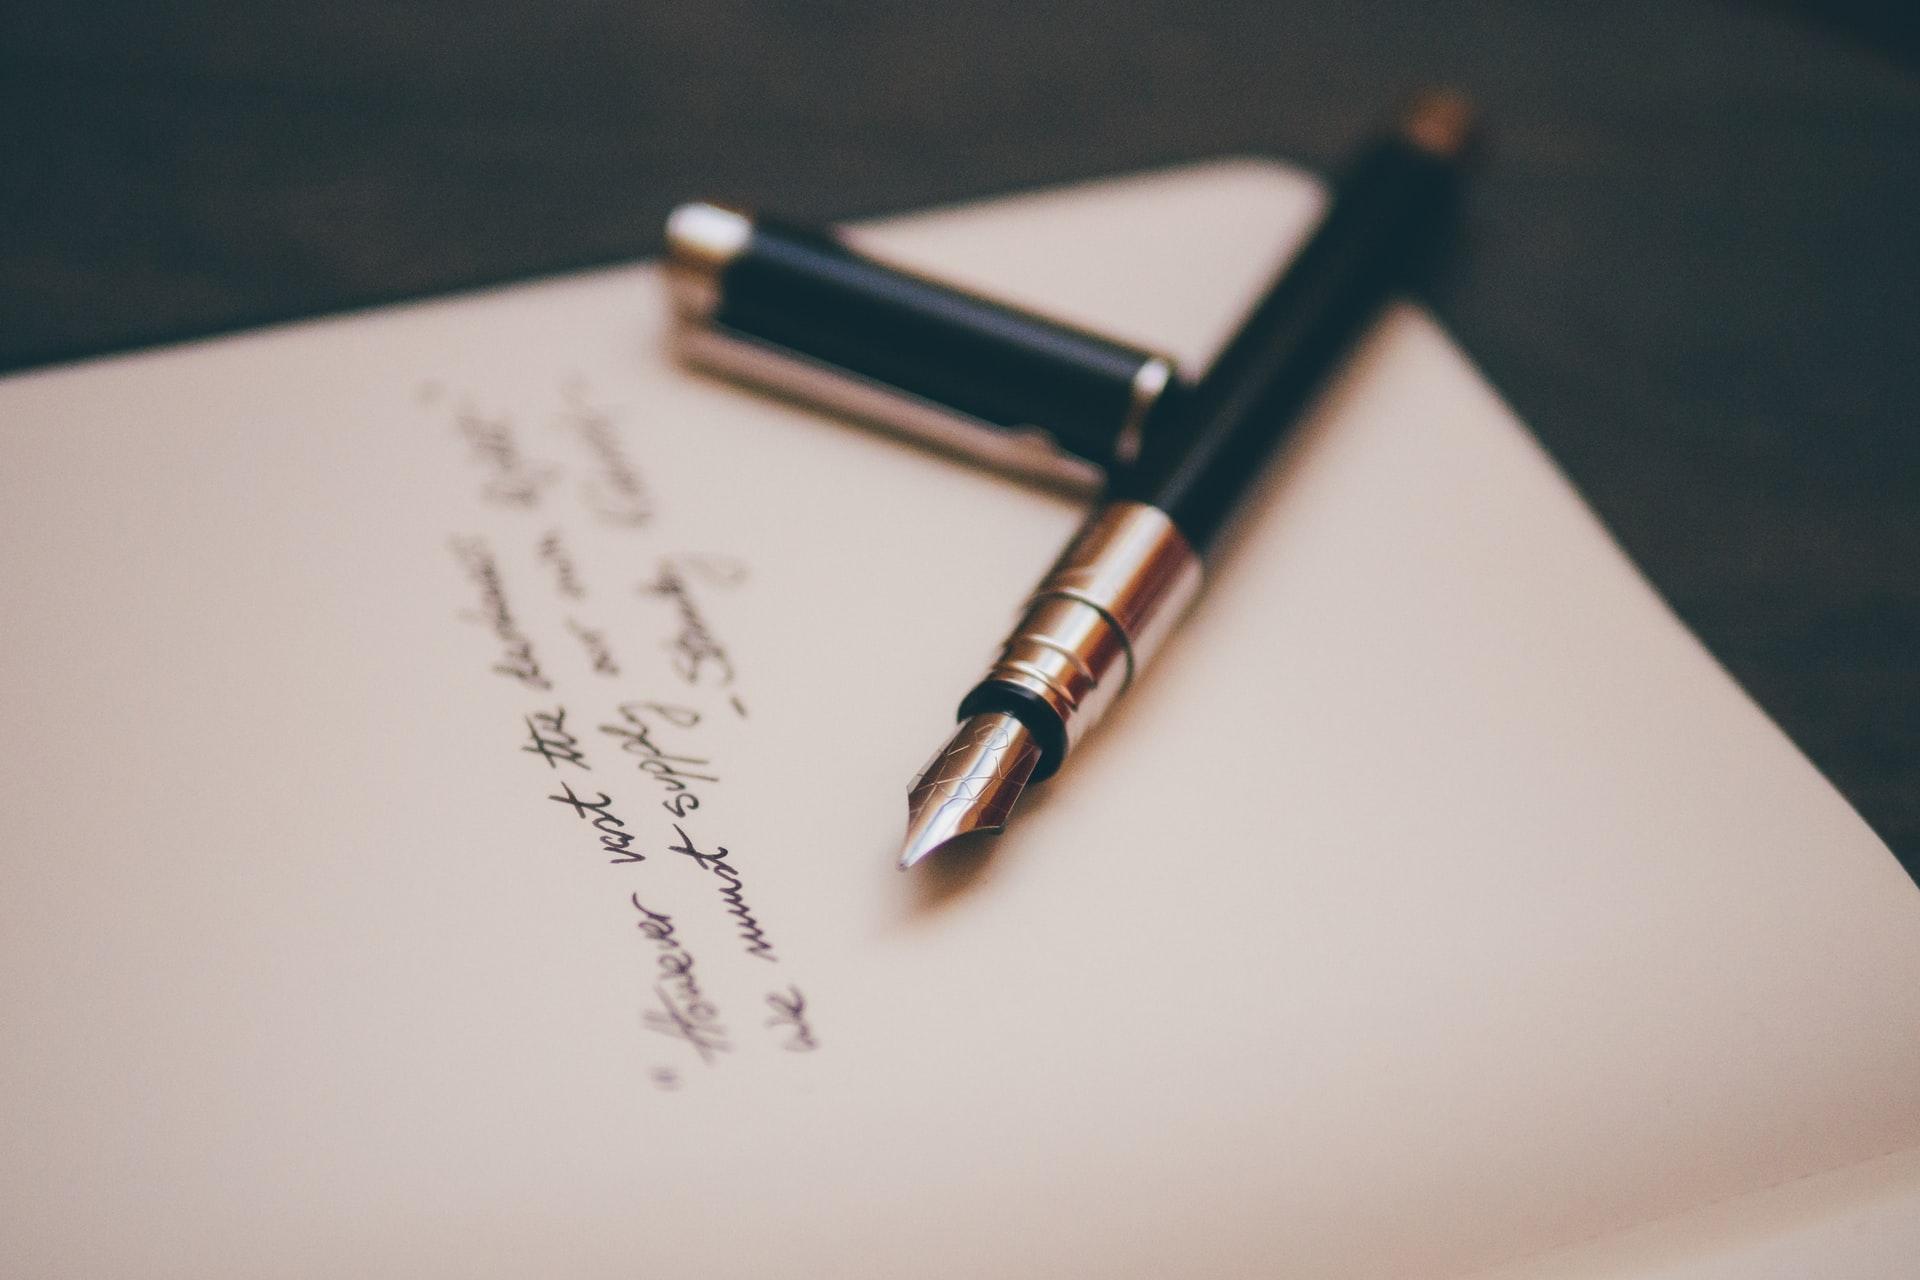 comment écrire un discours d'enterremnt ou éloge funèbre